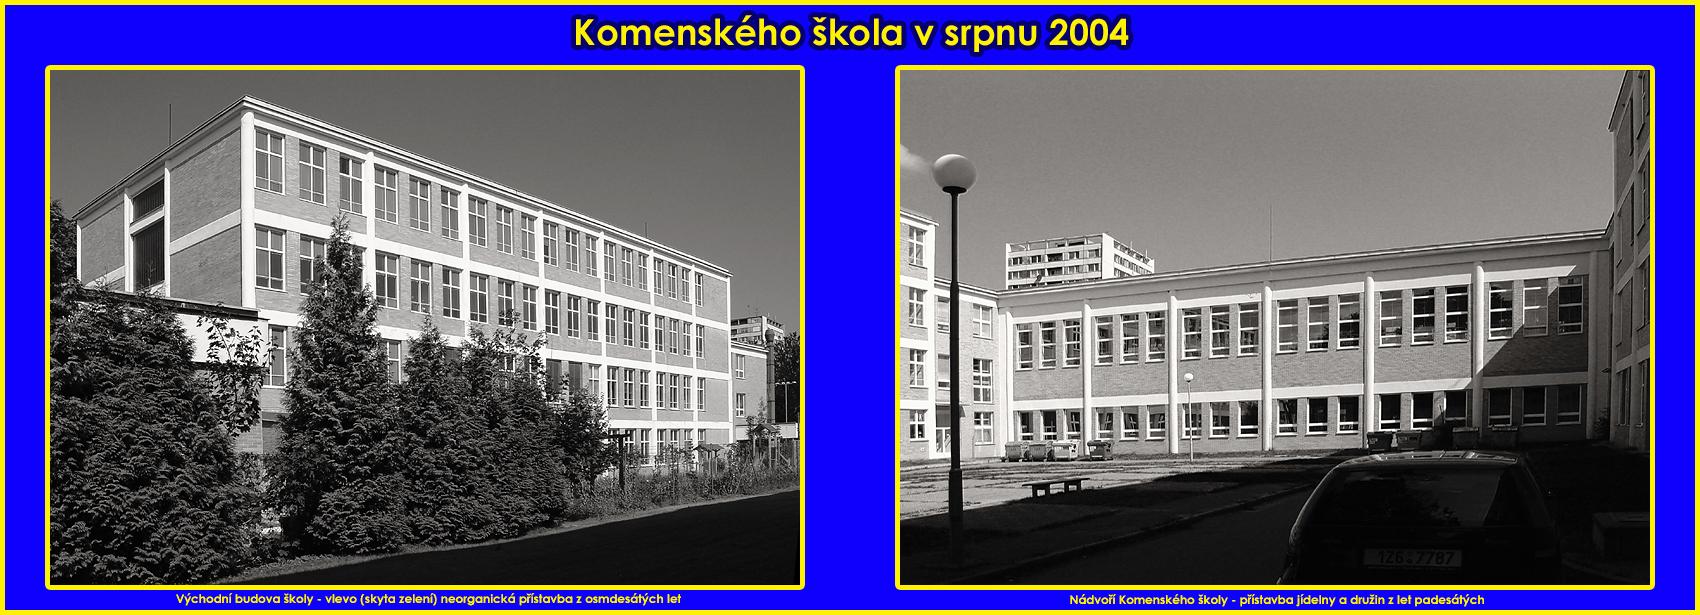 Komenského škola na Zálešné